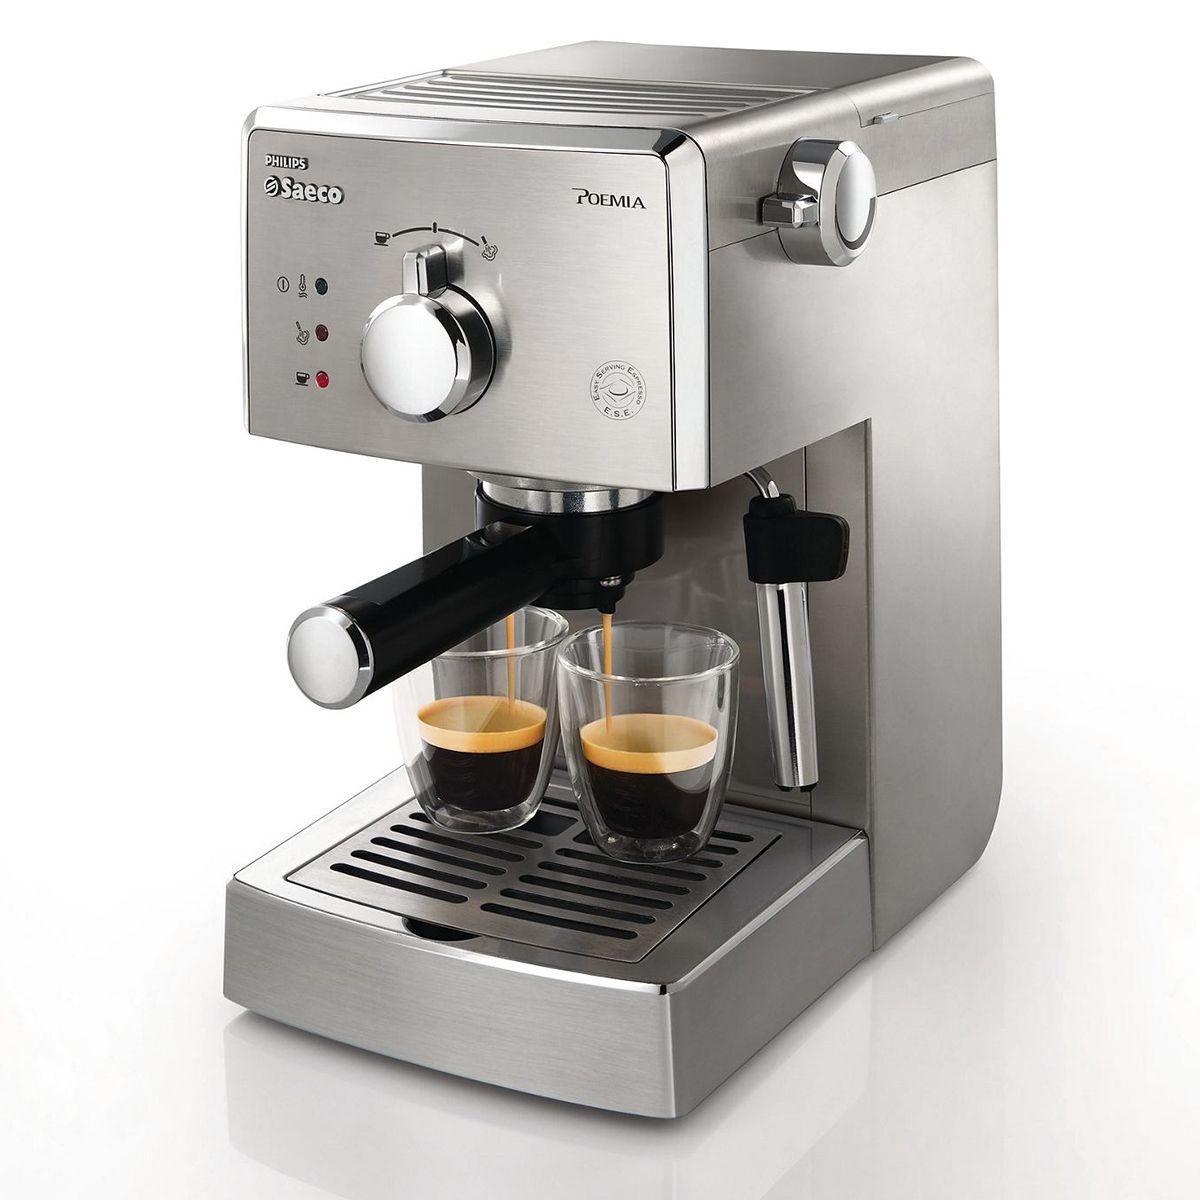 Personal Edge Poemia Manual Espresso machine